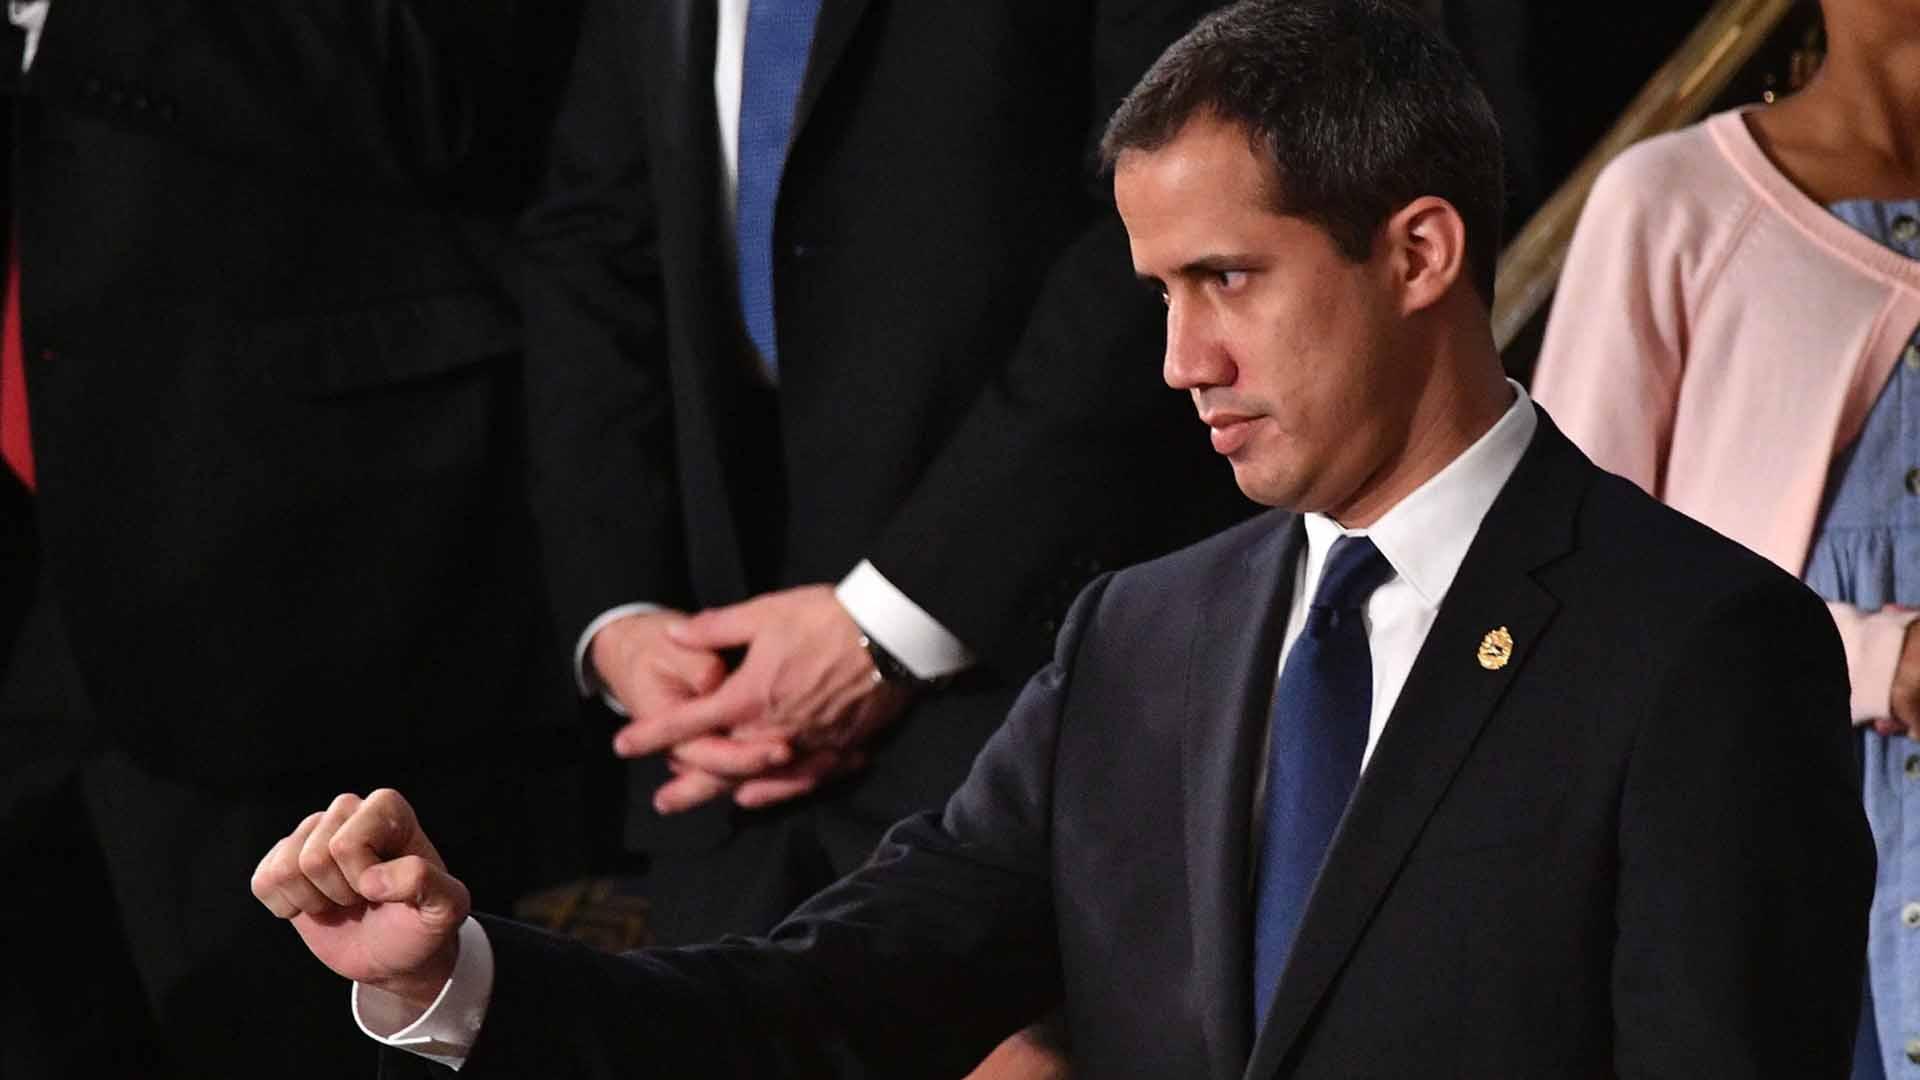 Candidato a Secretaría de Estado de Biden conversó con senador Durbin sobre apoyo a Guaidó